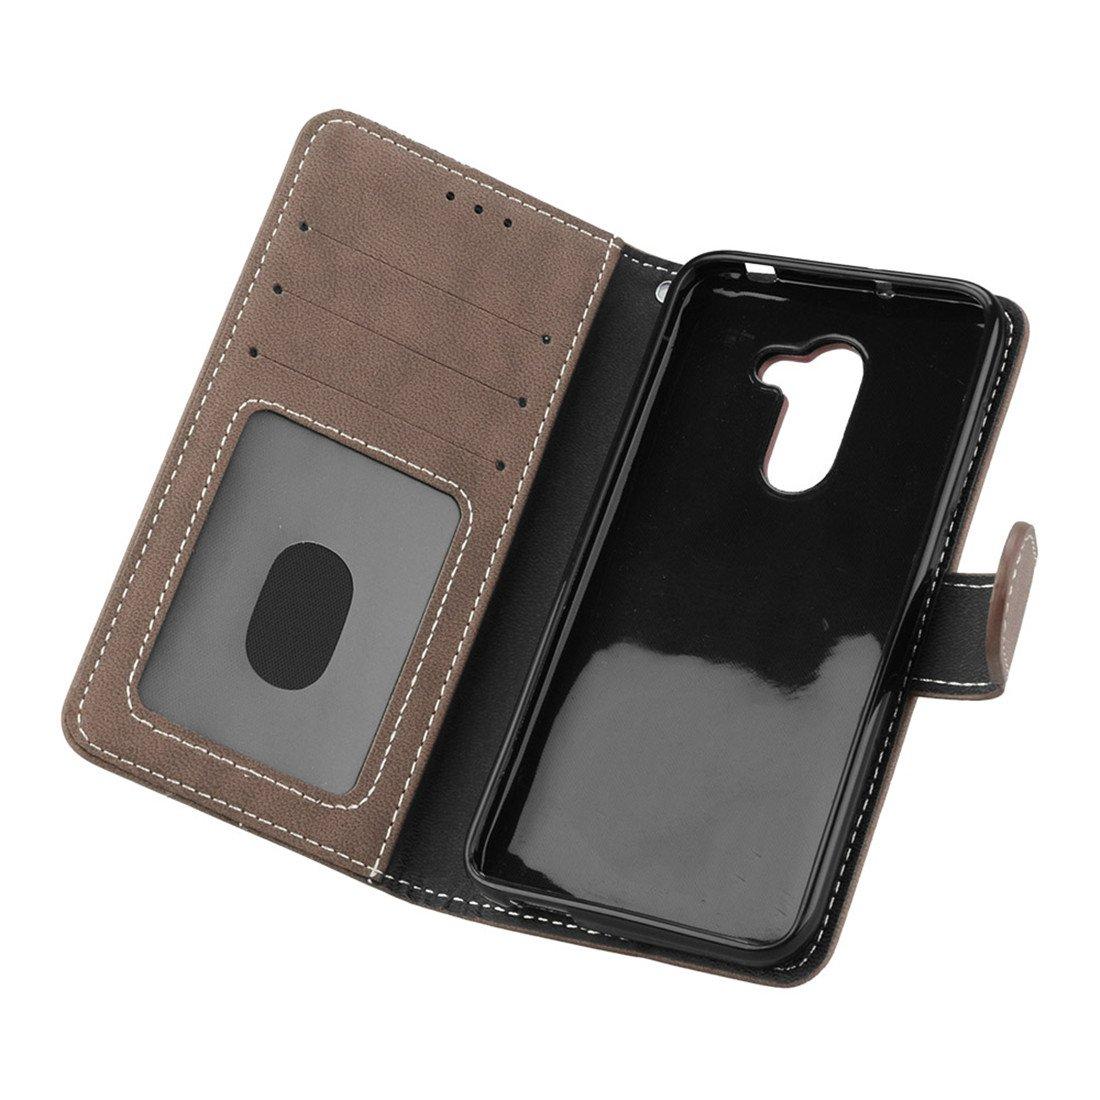 Negro Retro Frosted 3 Card Slots Cuero De La PU Magn/ético Capirotazo Billetera Apoyo Bumper Protector Cover Funda Carcasa Case HiKing Para Alcatel A3 Funda